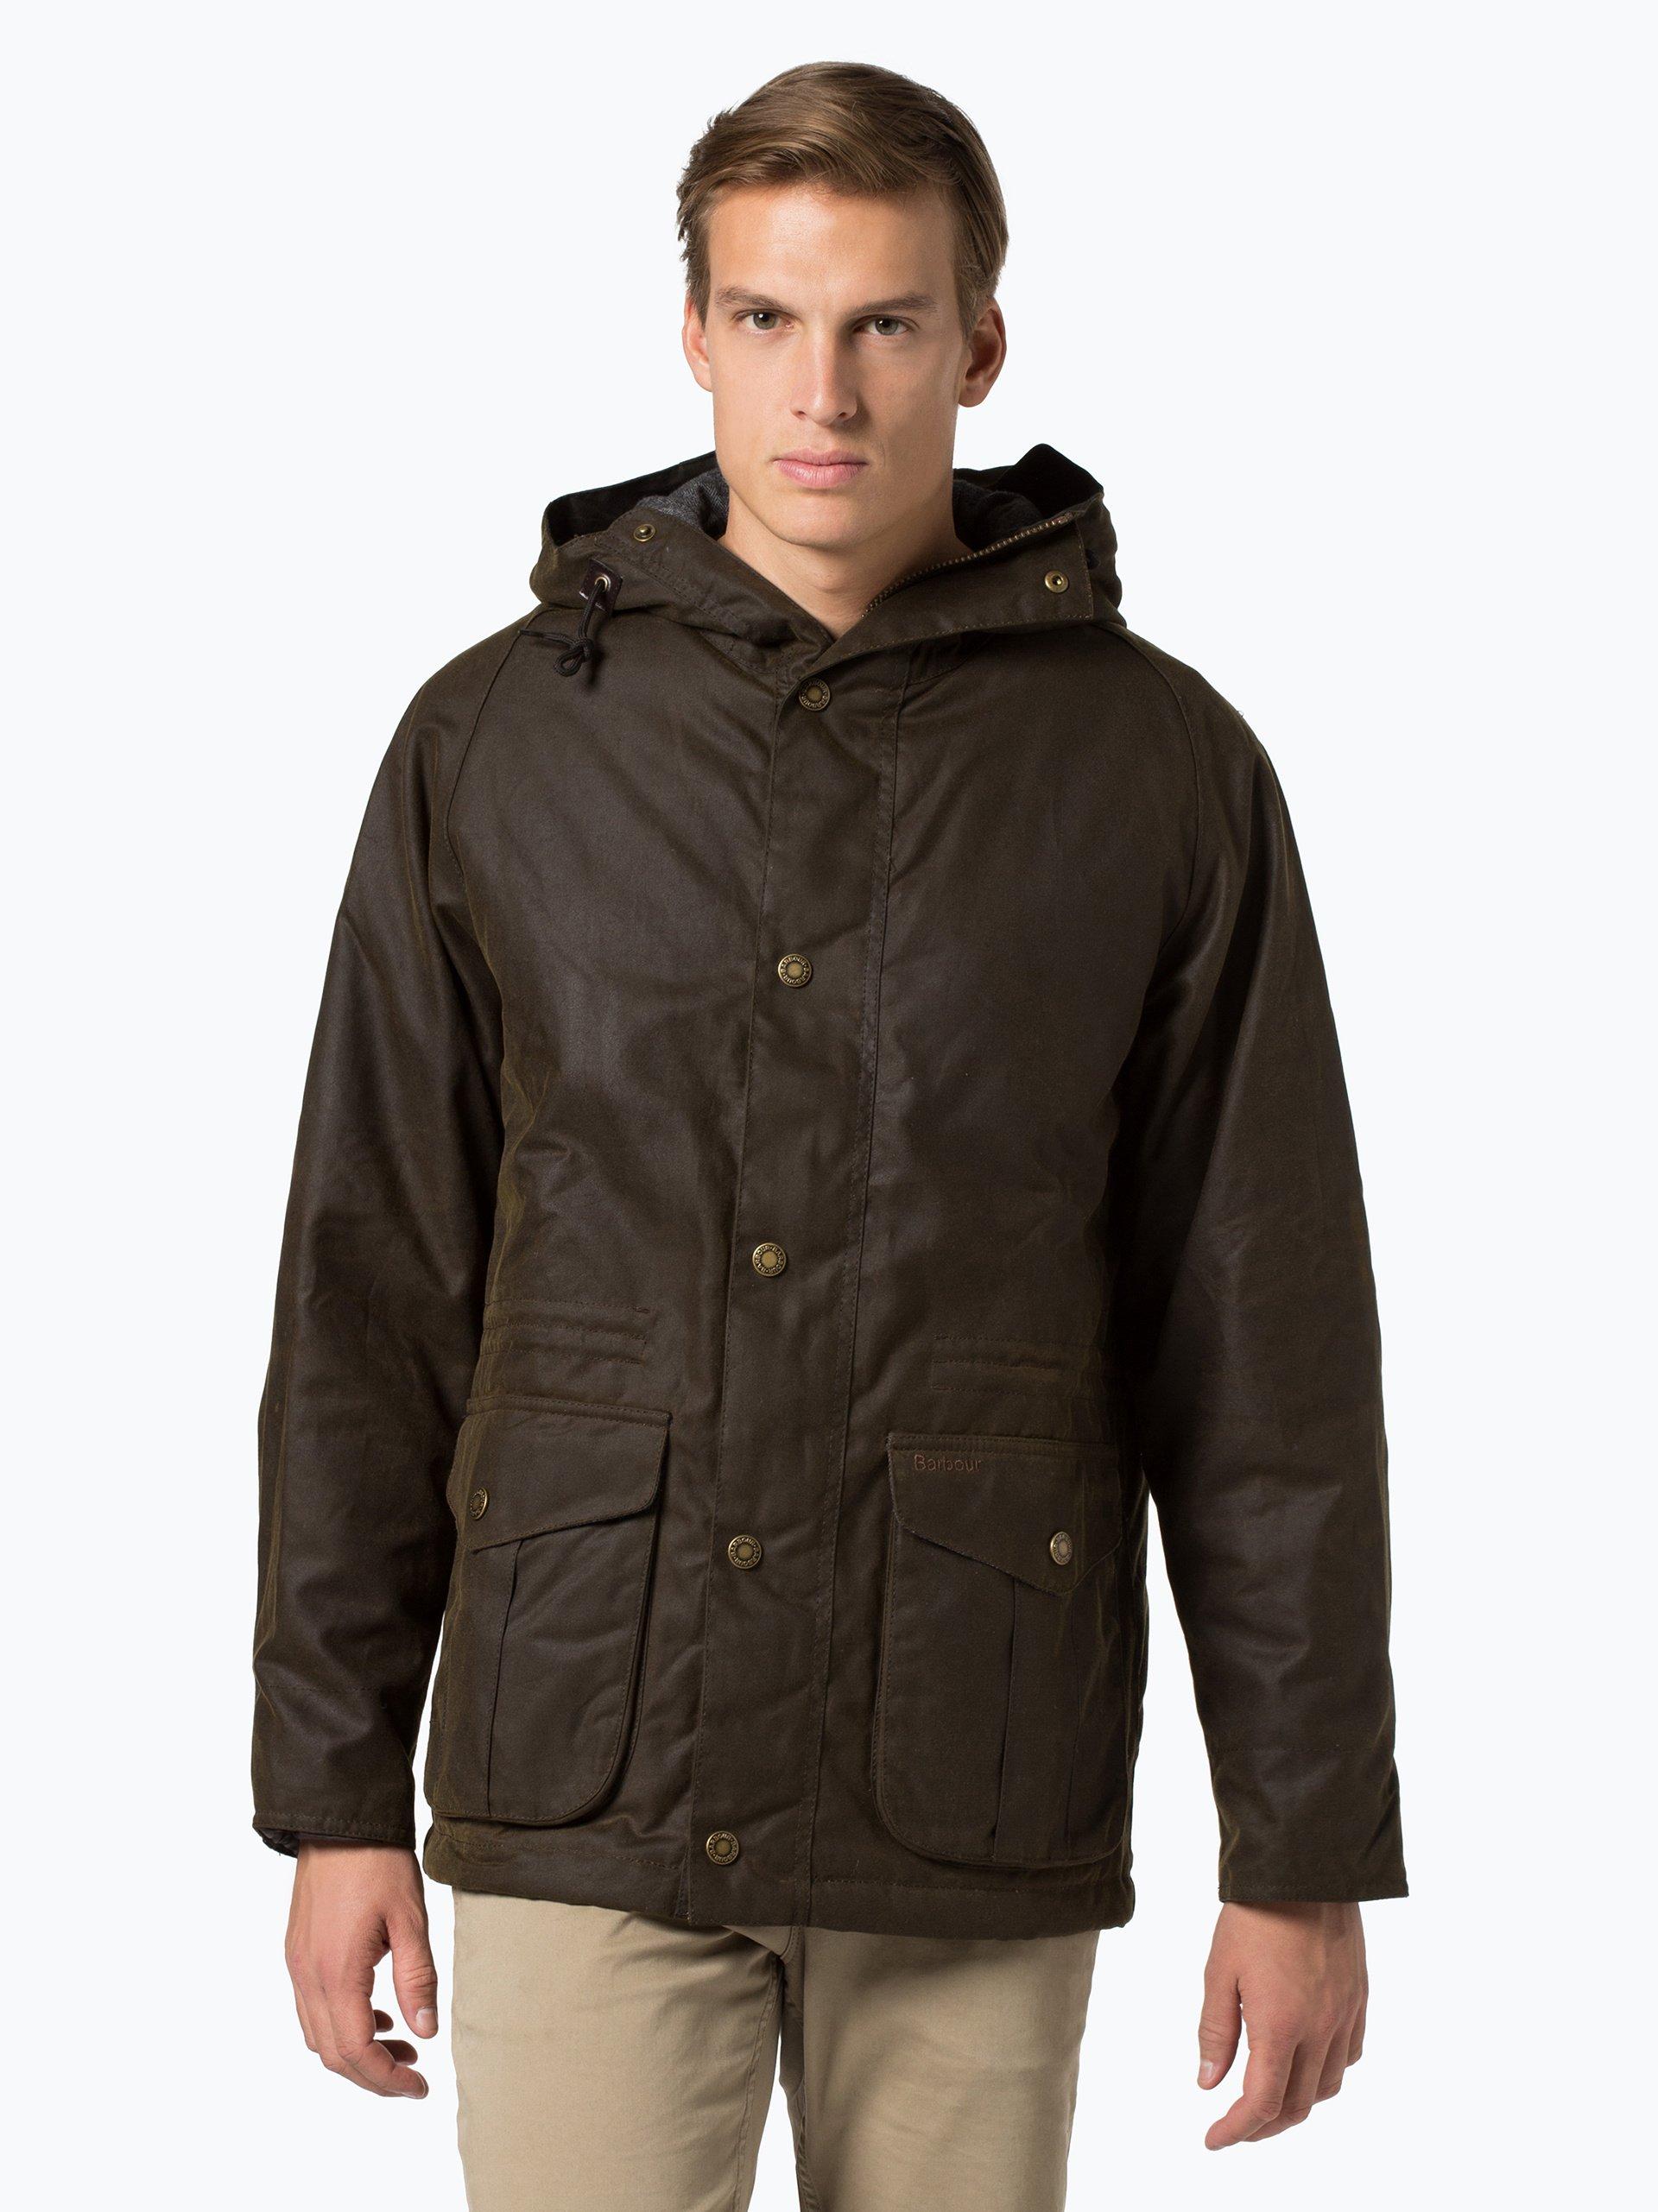 barbour herren jacke bryn jacket oliv uni online kaufen vangraaf com. Black Bedroom Furniture Sets. Home Design Ideas